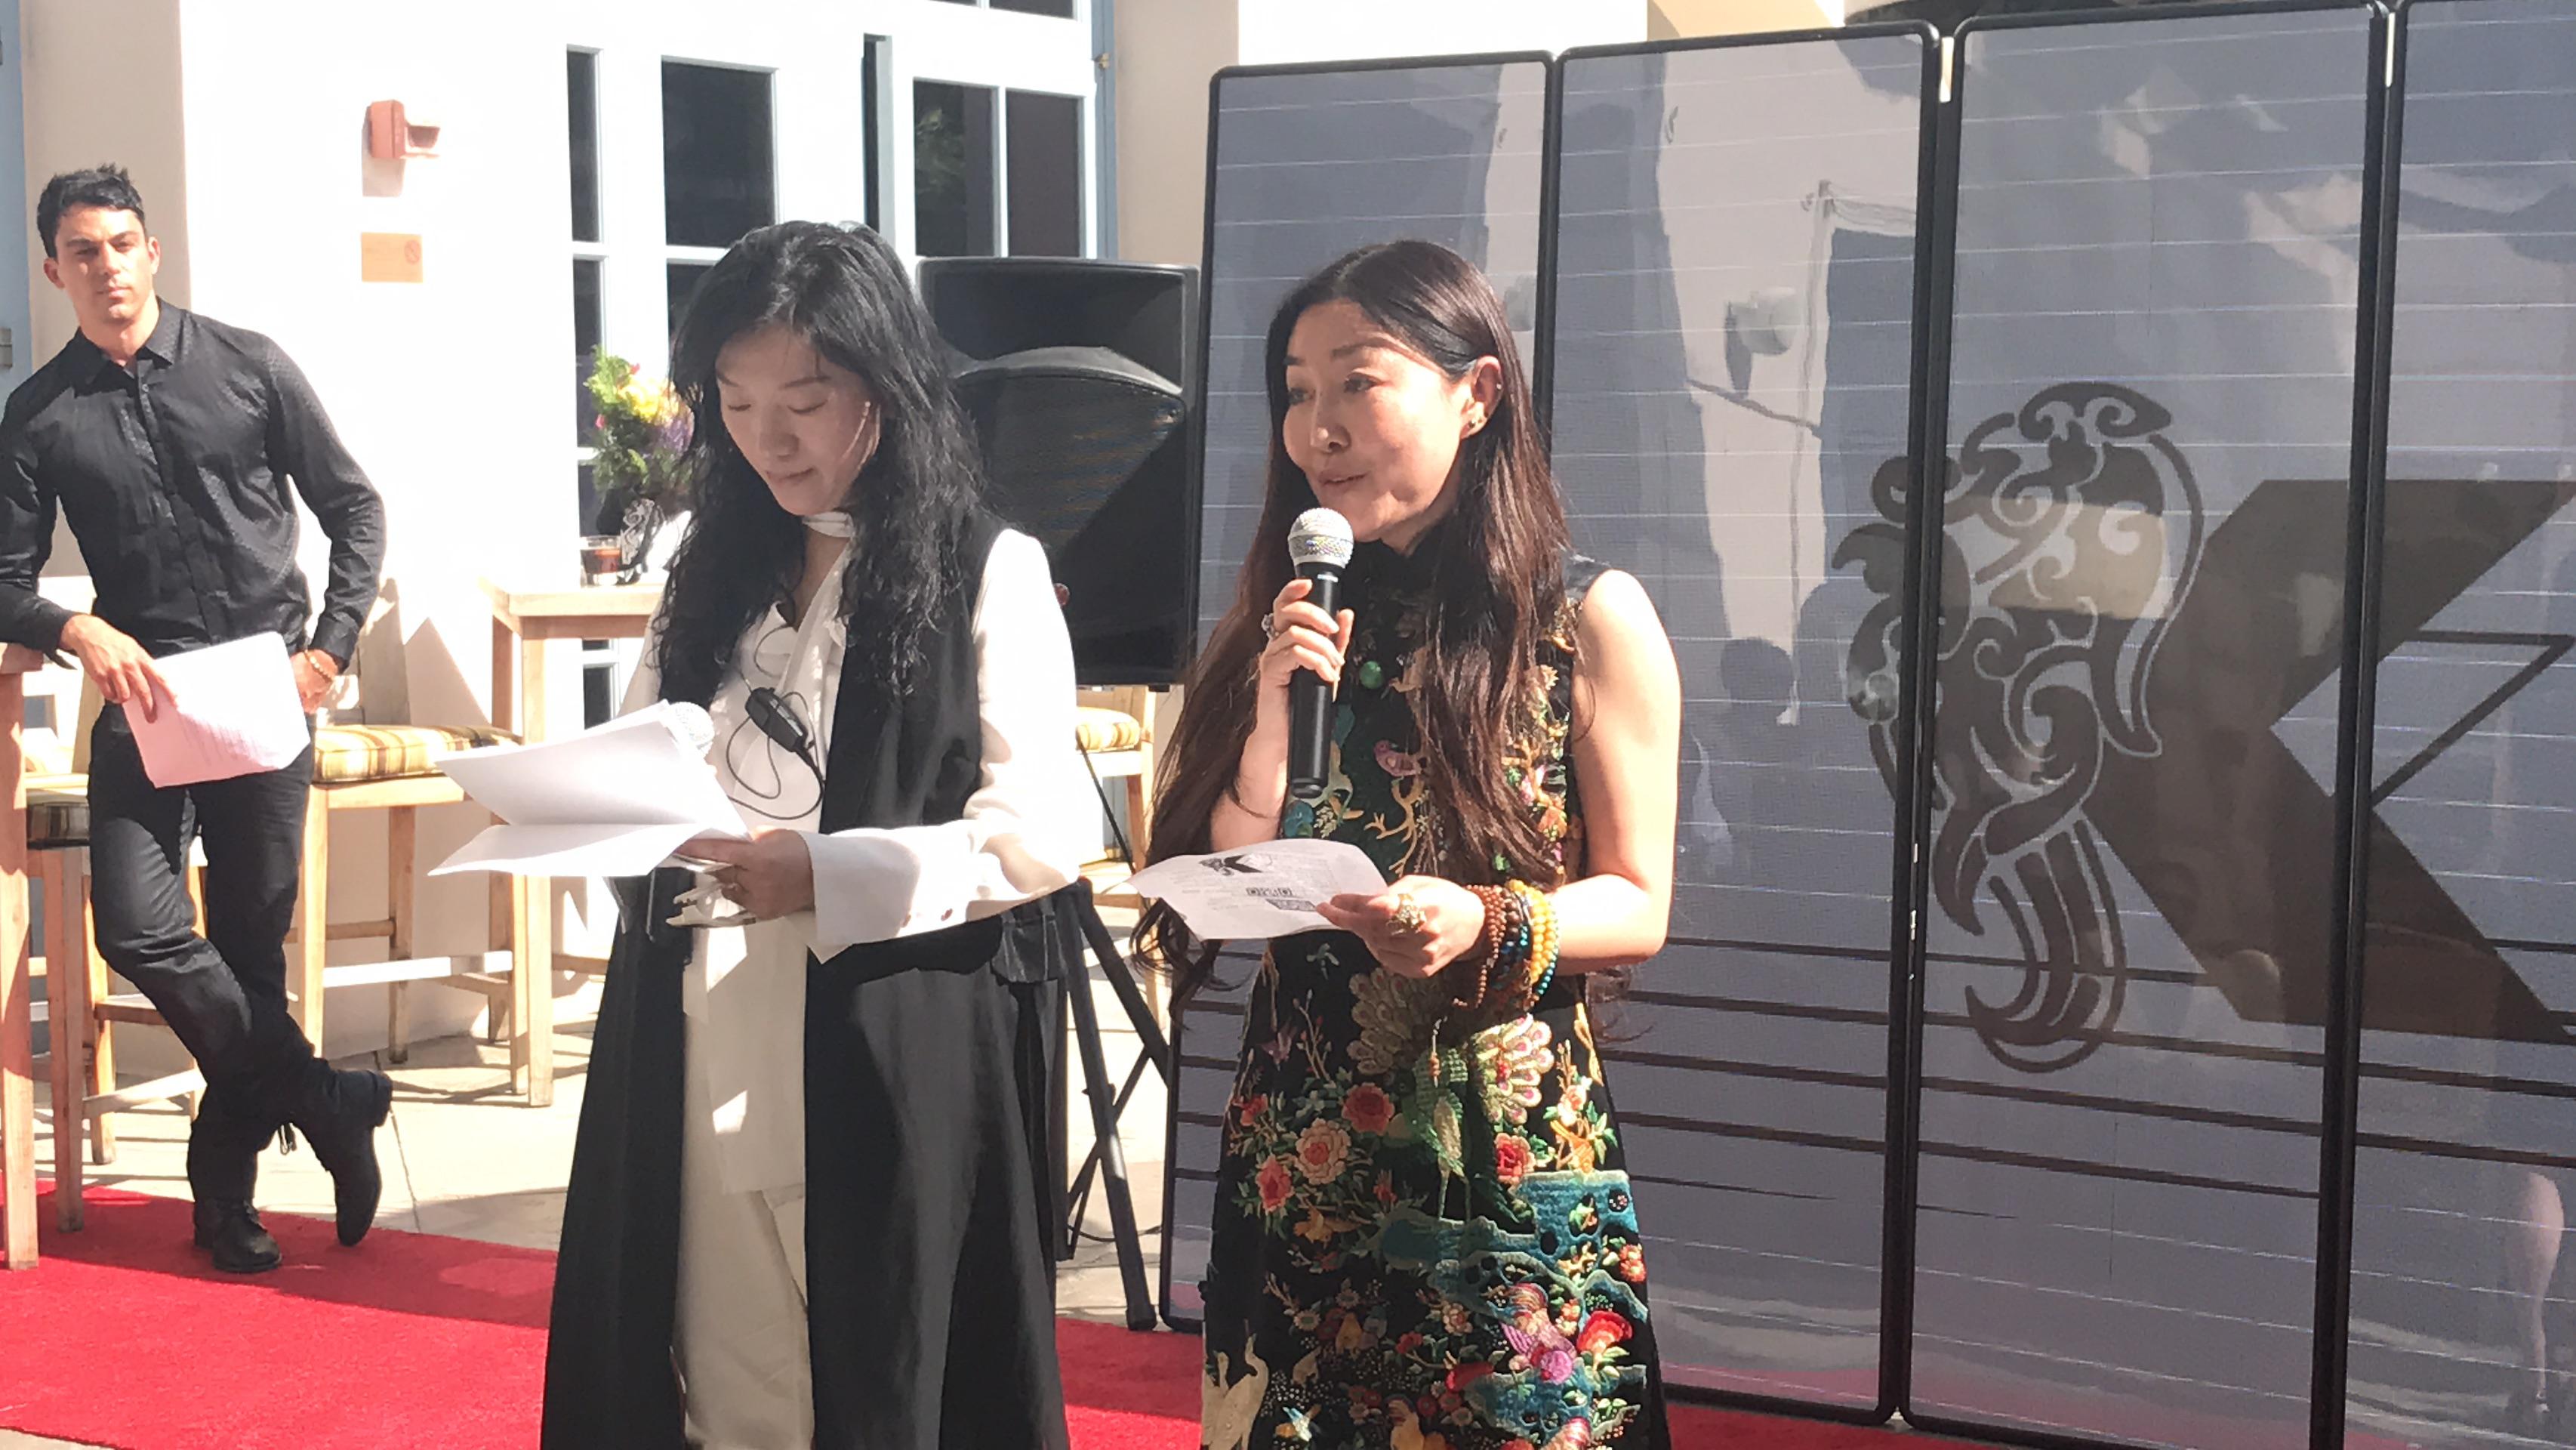 趙晨陽在會場發表致詞。記者李博爾攝